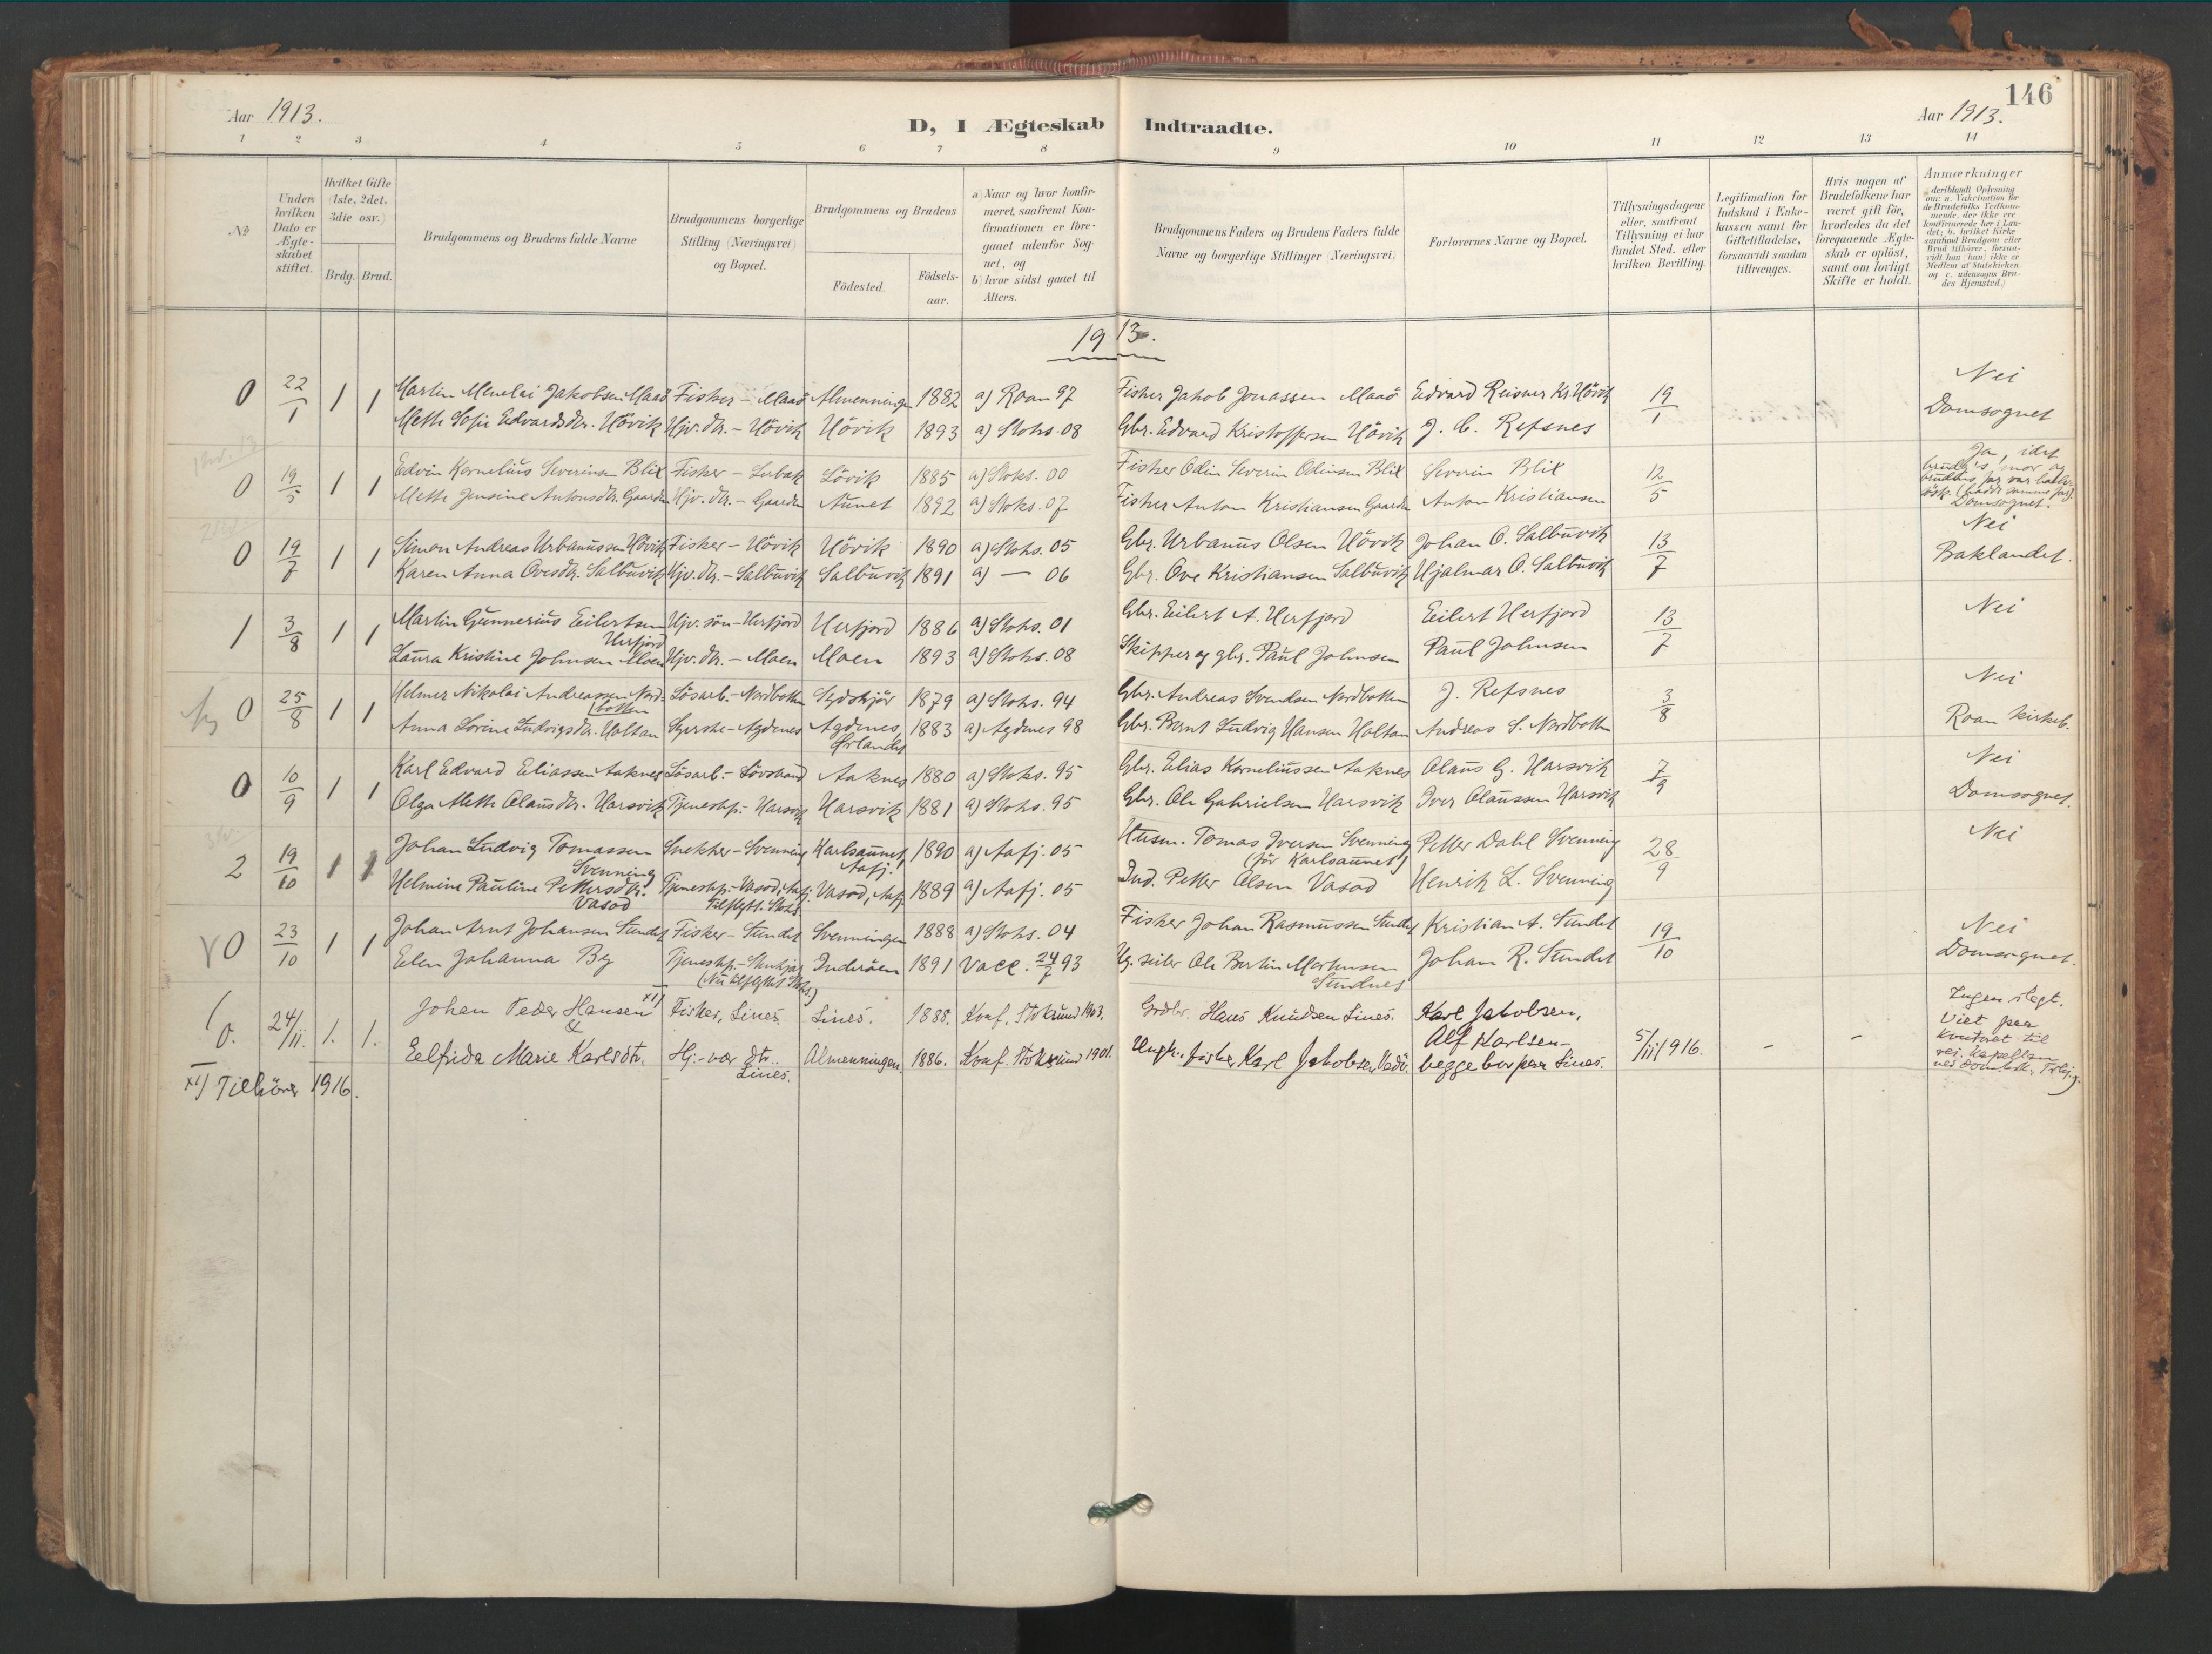 SAT, Ministerialprotokoller, klokkerbøker og fødselsregistre - Sør-Trøndelag, 656/L0693: Ministerialbok nr. 656A02, 1894-1913, s. 146